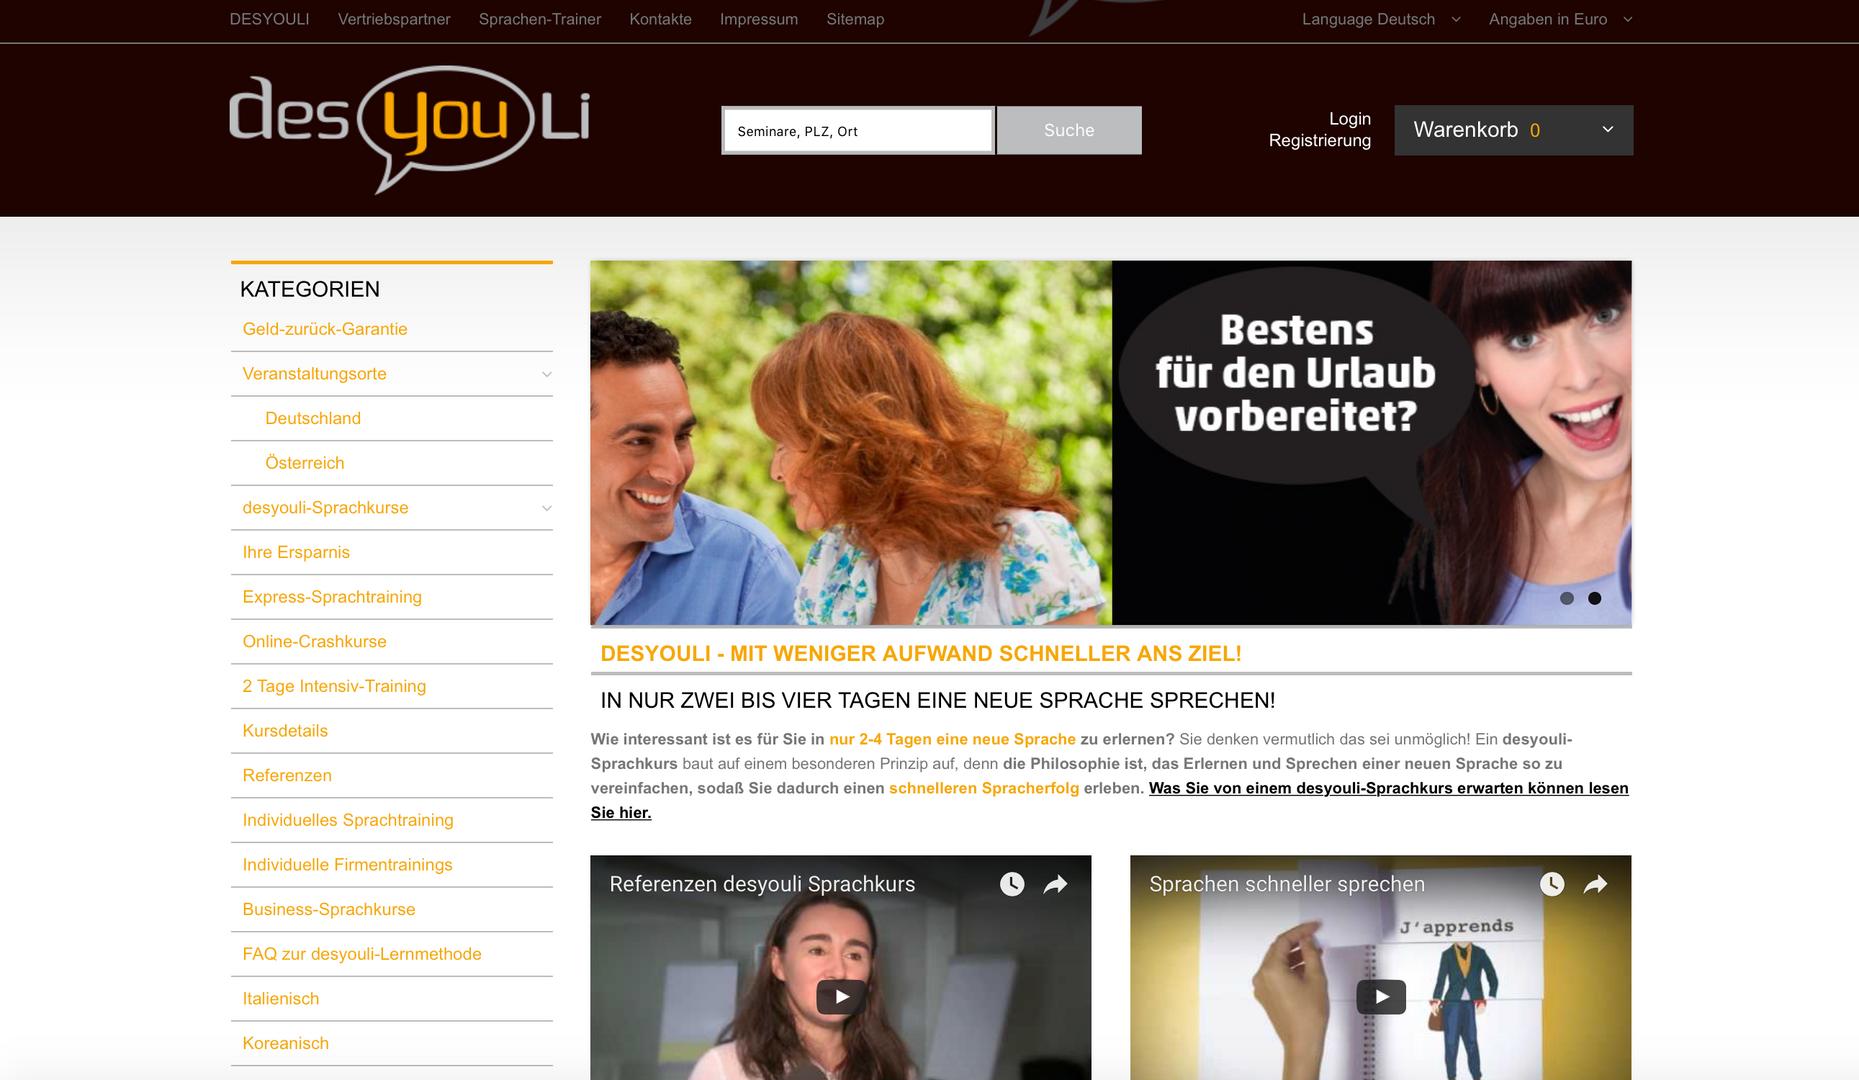 desyouli Webshop-Portal.png